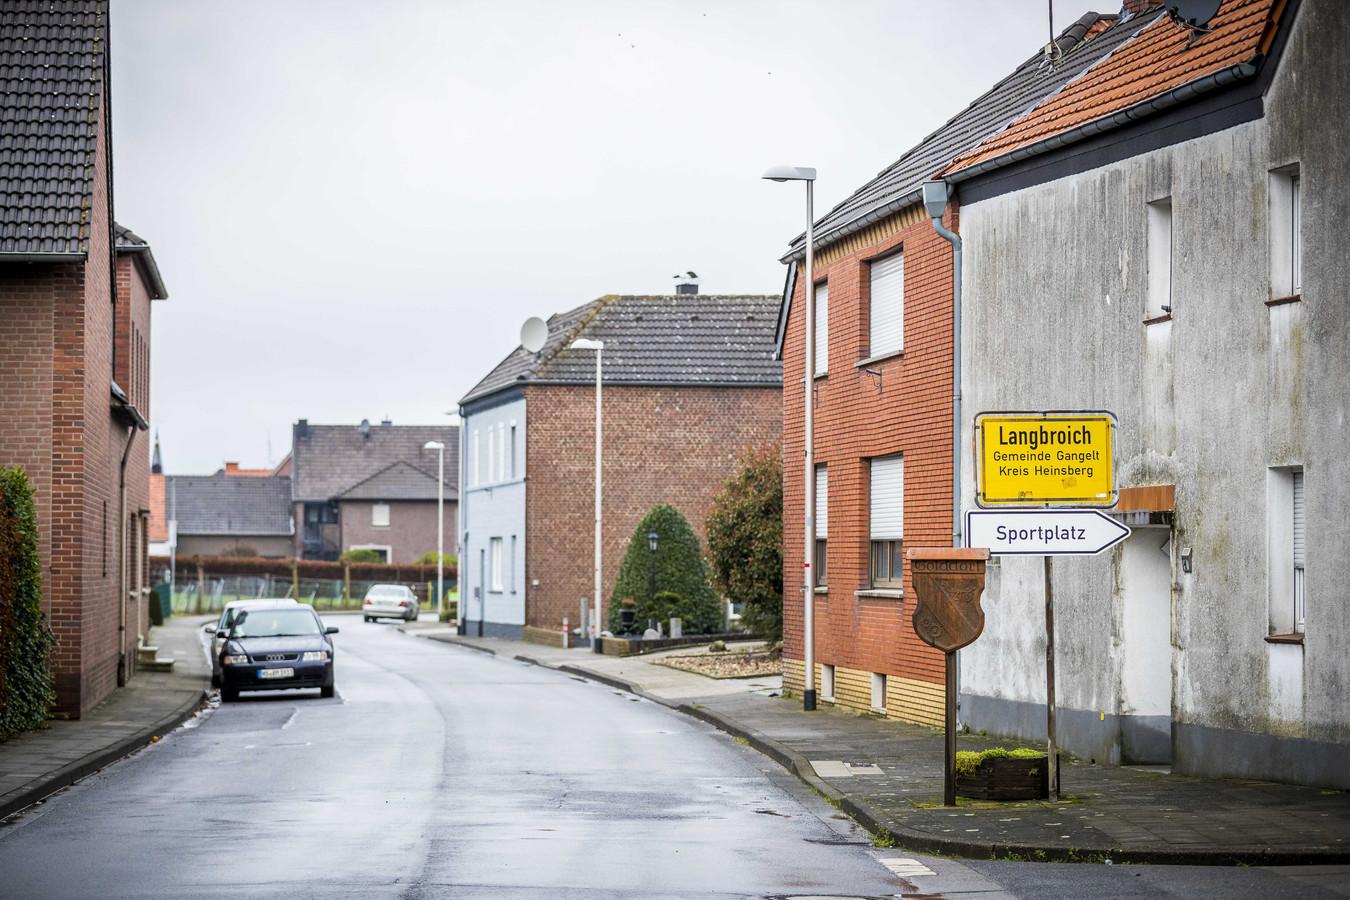 Een straat in een plaatsje Langbroich